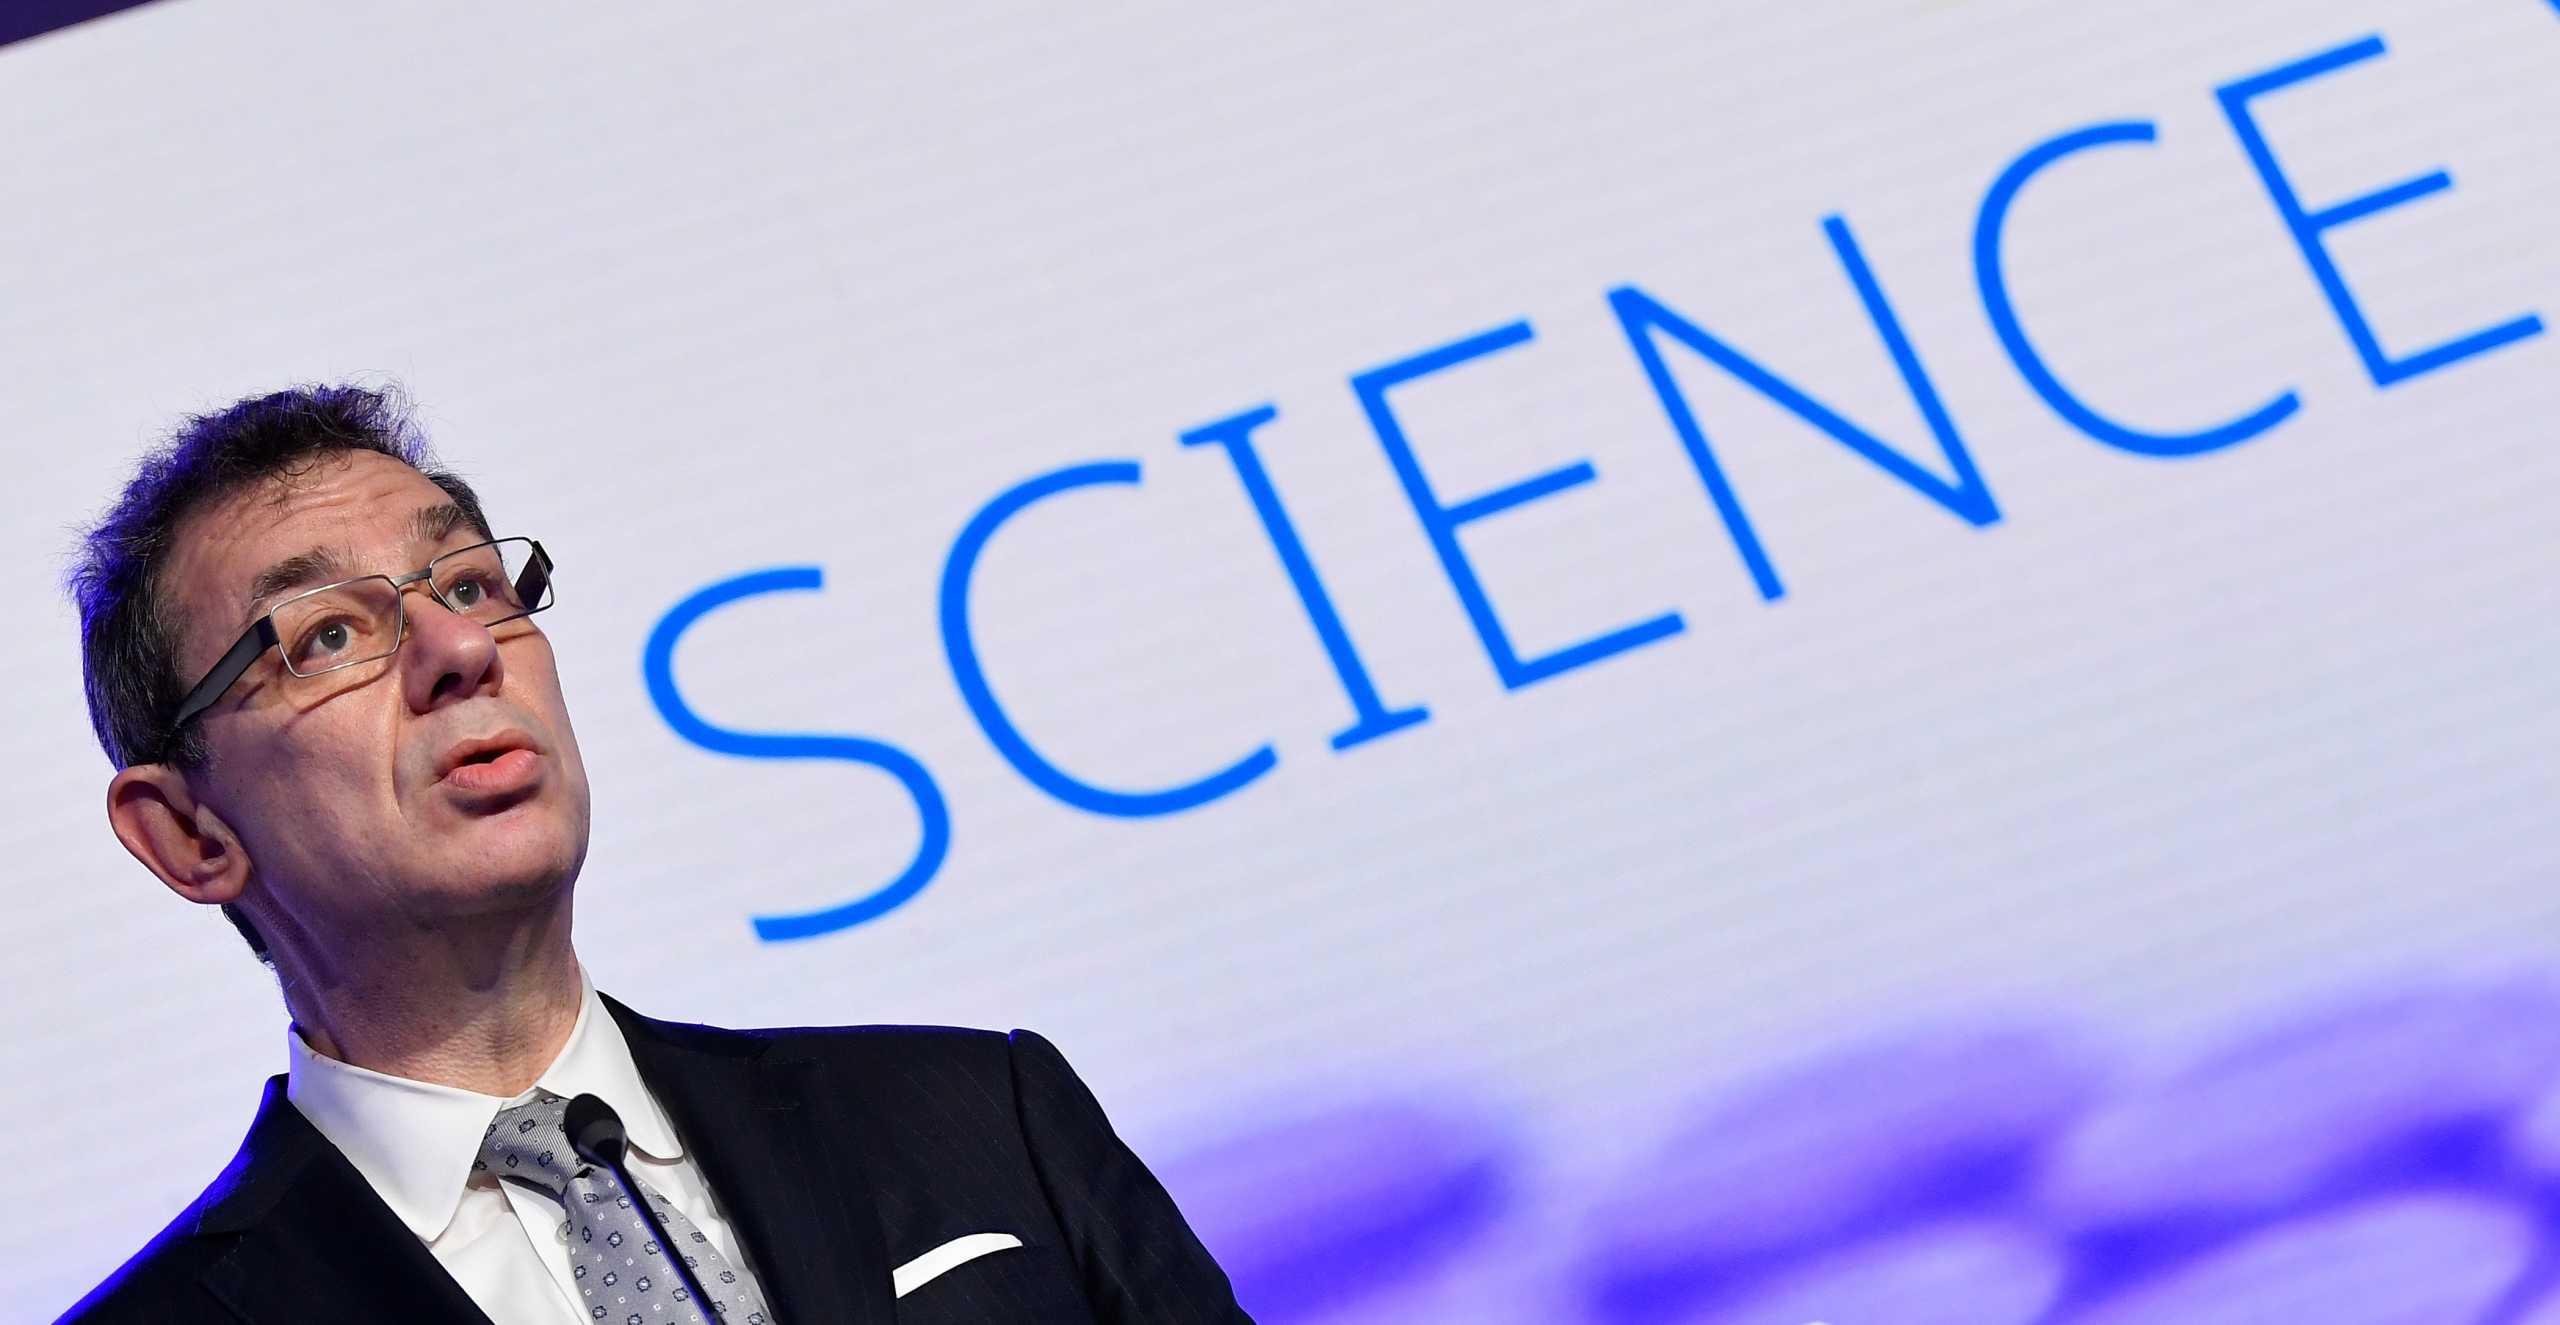 Α. Μπουρλά: Η Pfizer ετοιμάζει εκδοχή του εμβολίου της που θα μπορεί να φυλαχθεί σε «κλασικούς καταψύκτες»